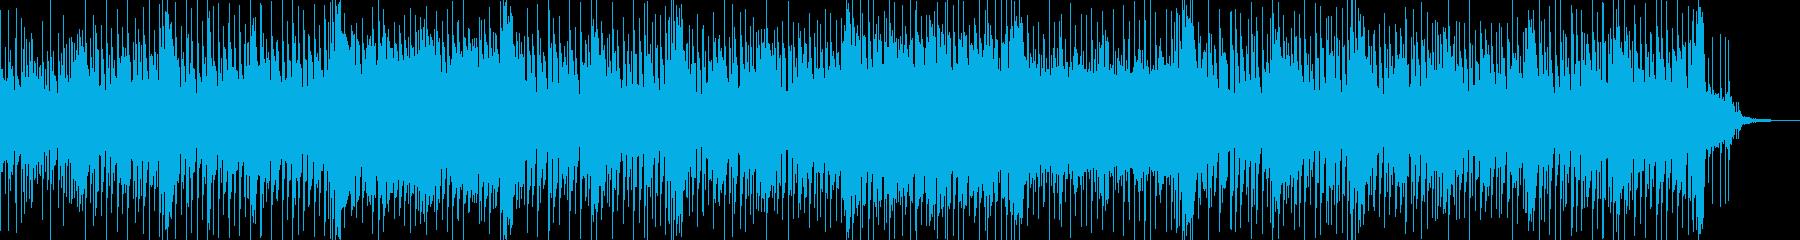 切ない感じのテクノポップBGMの再生済みの波形